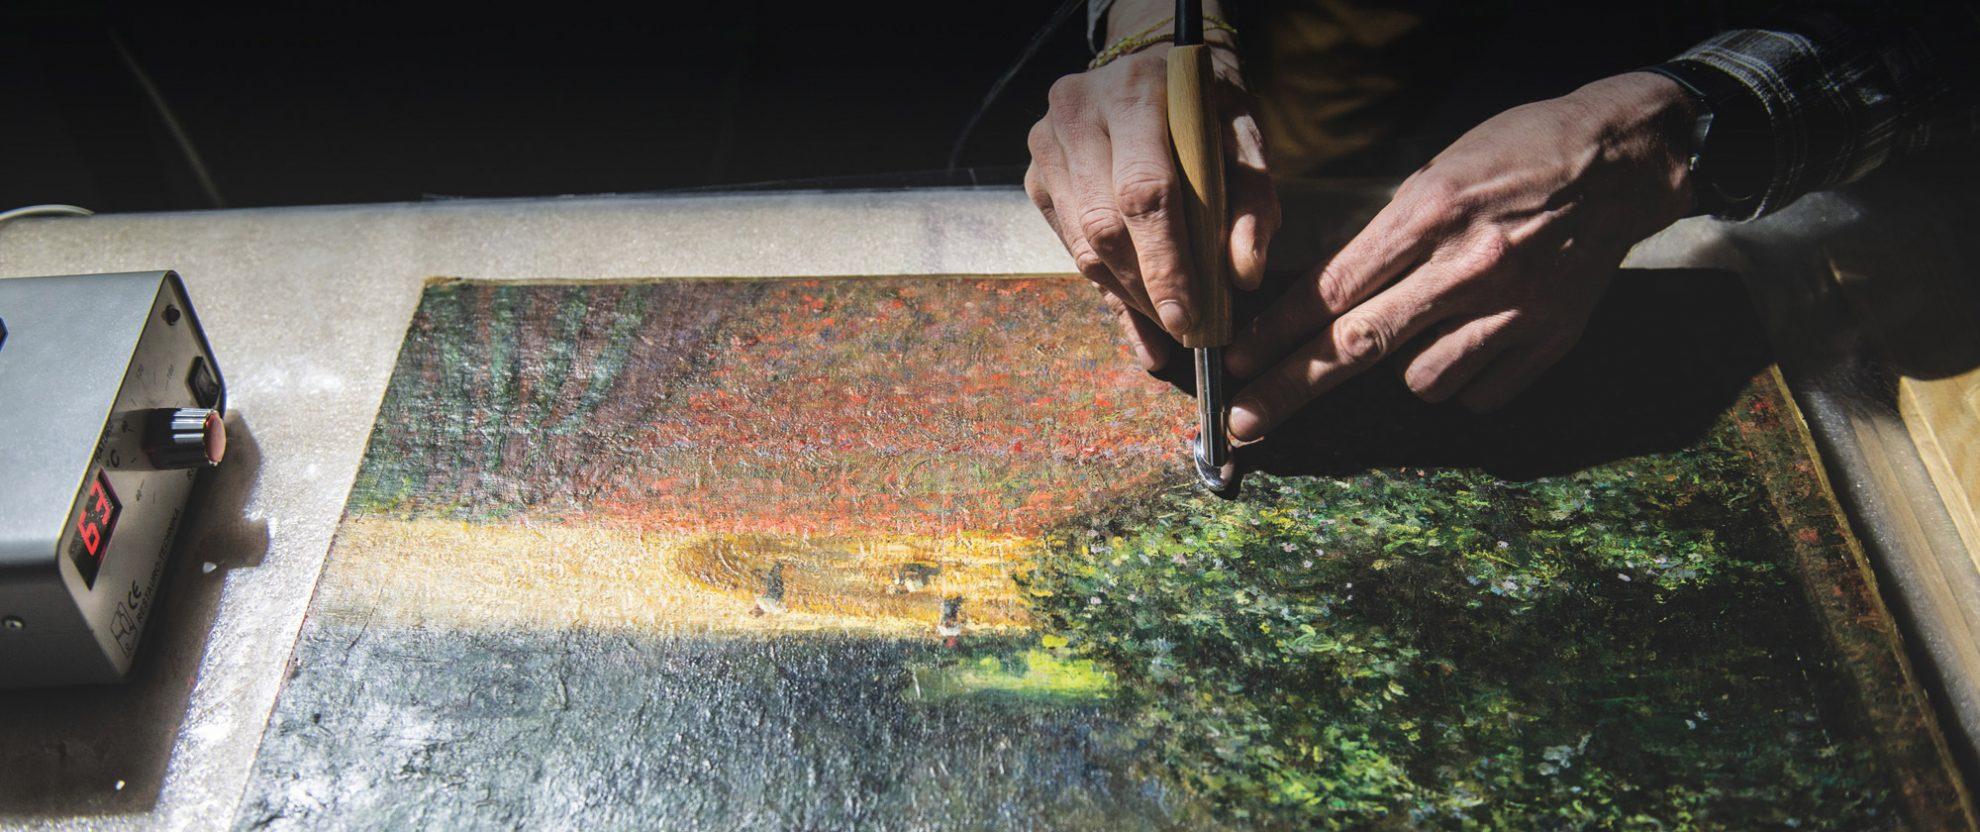 Overovanie pravosti umeleckých diel